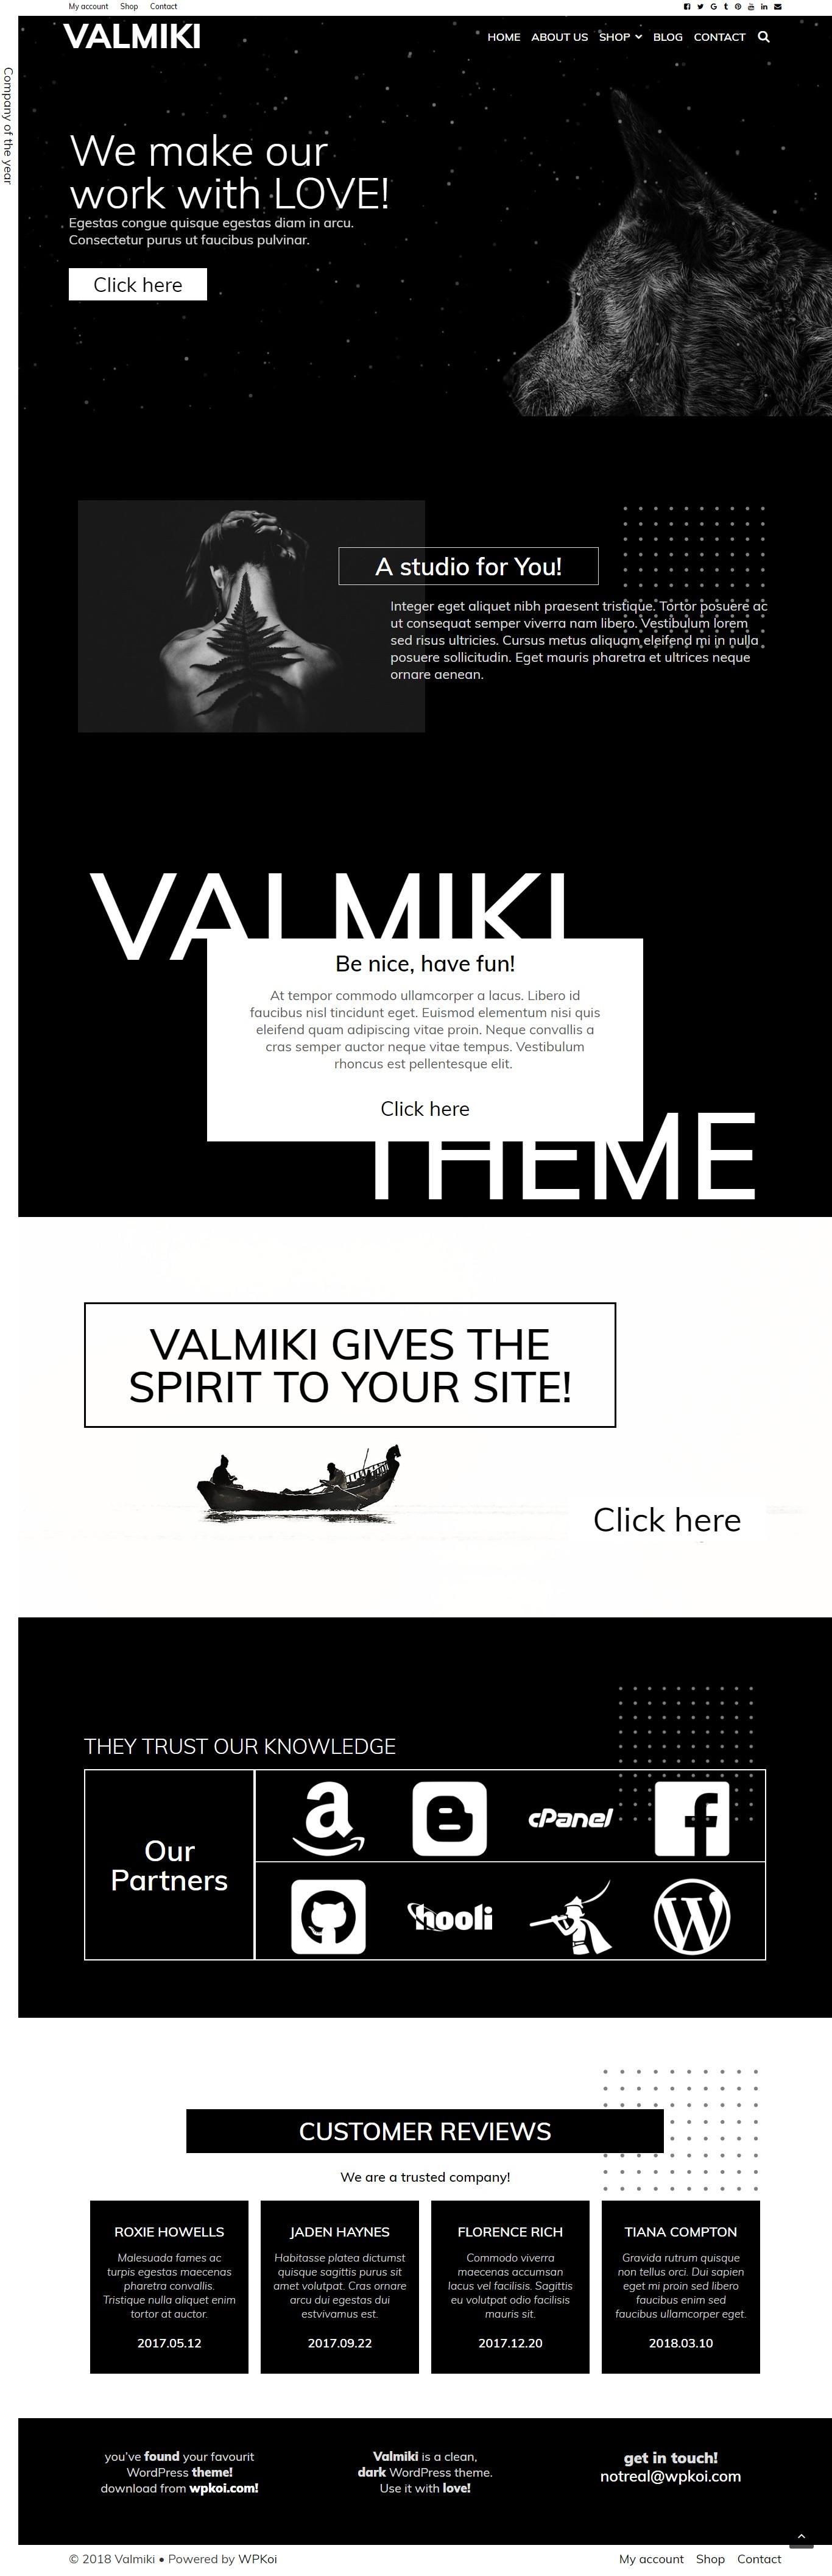 Valmiki